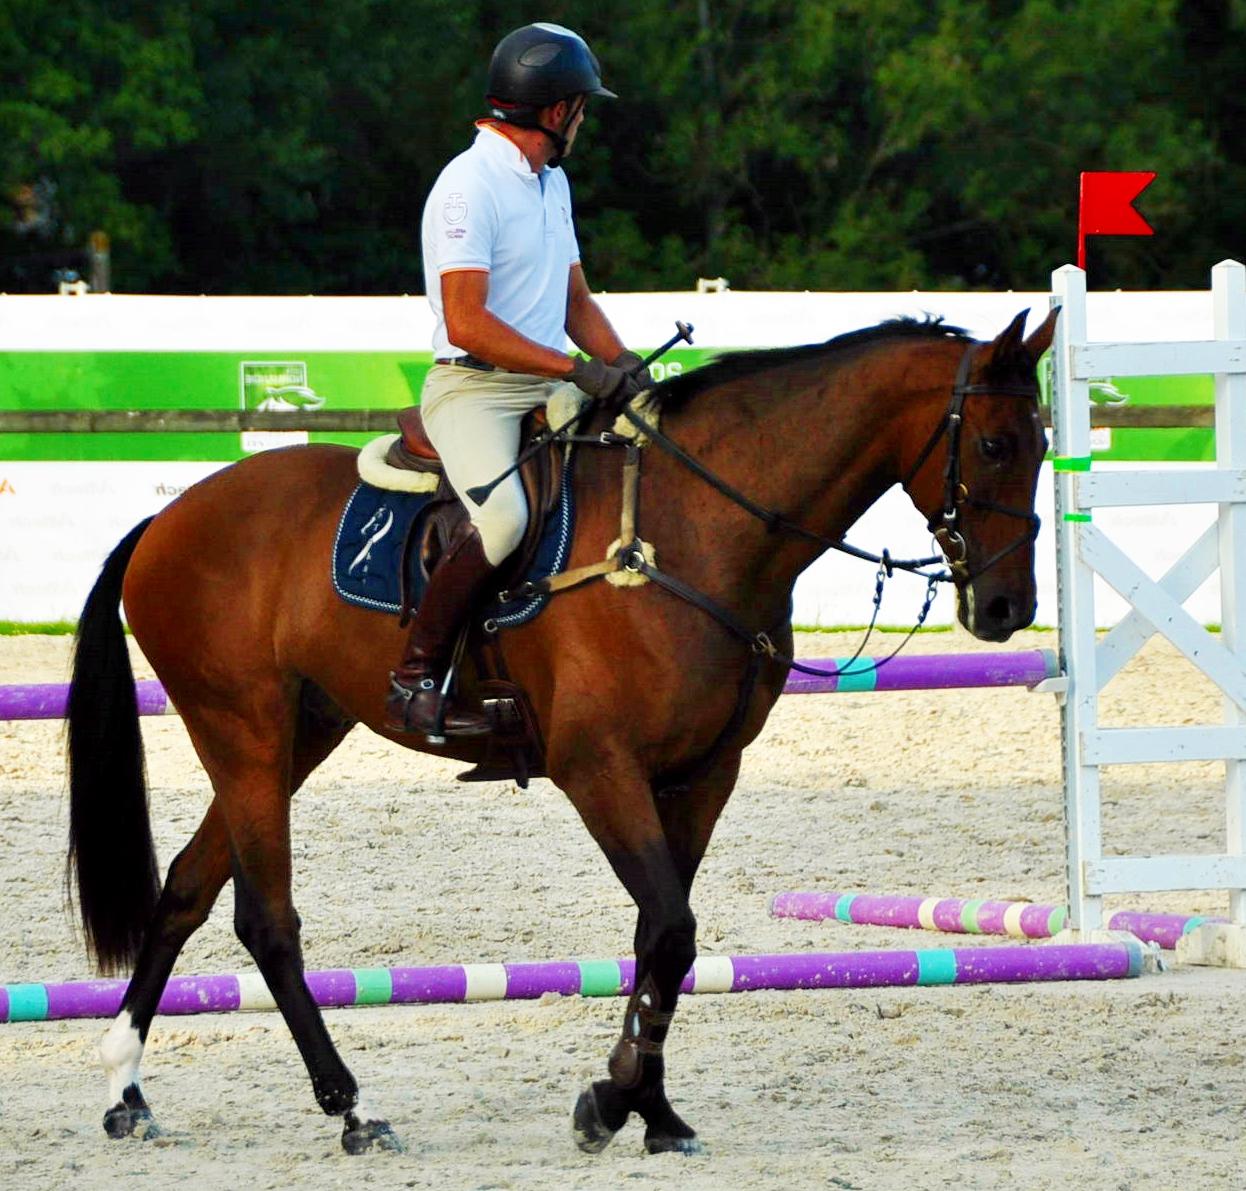 HITO caballo nacional español competidor en los JEM 2014